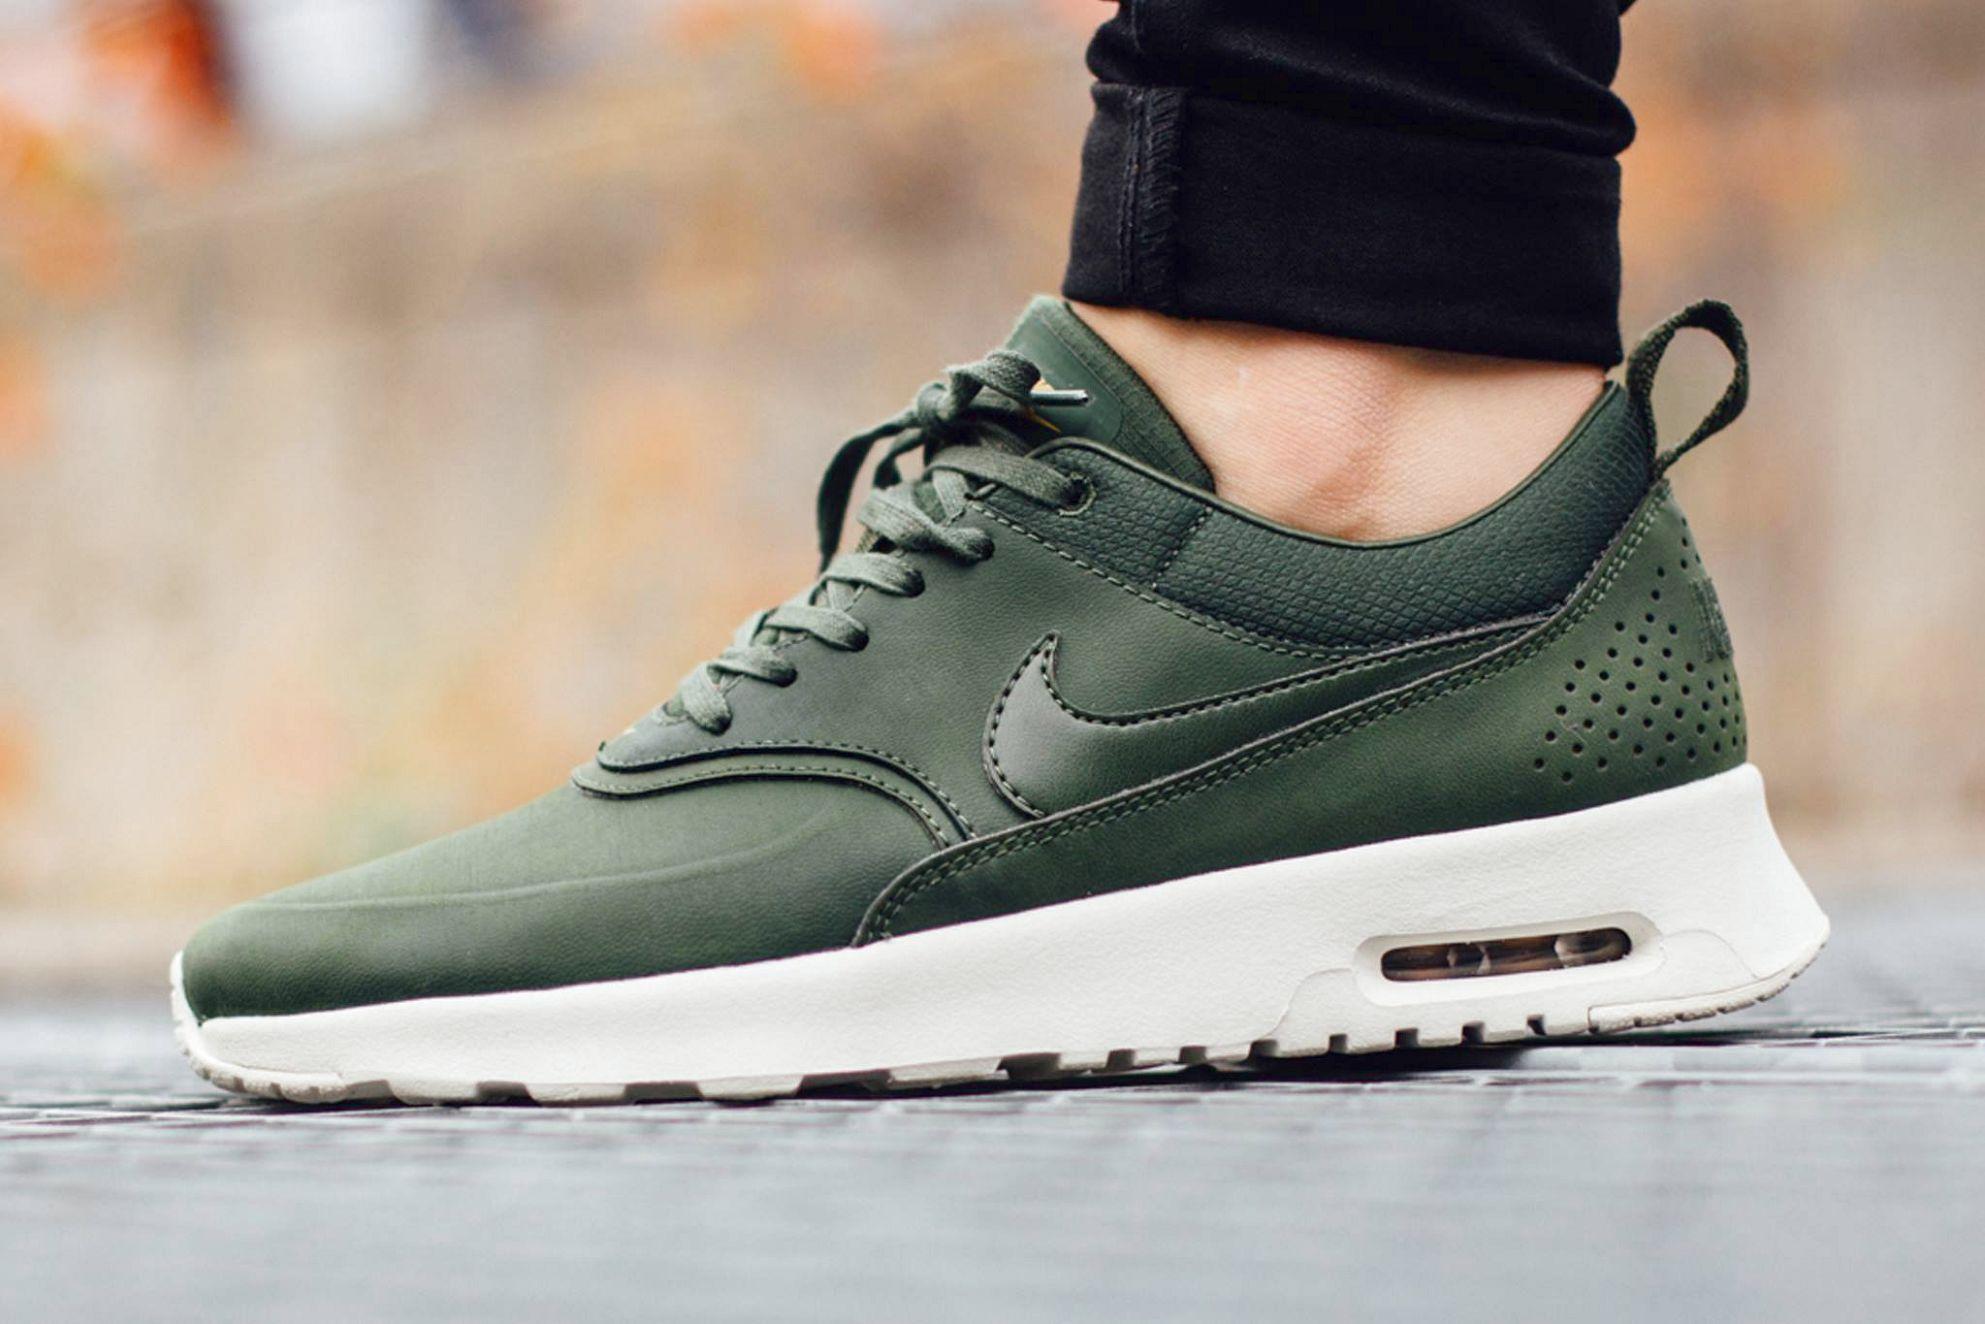 Explore Nike Green, Nike Huarache and more!